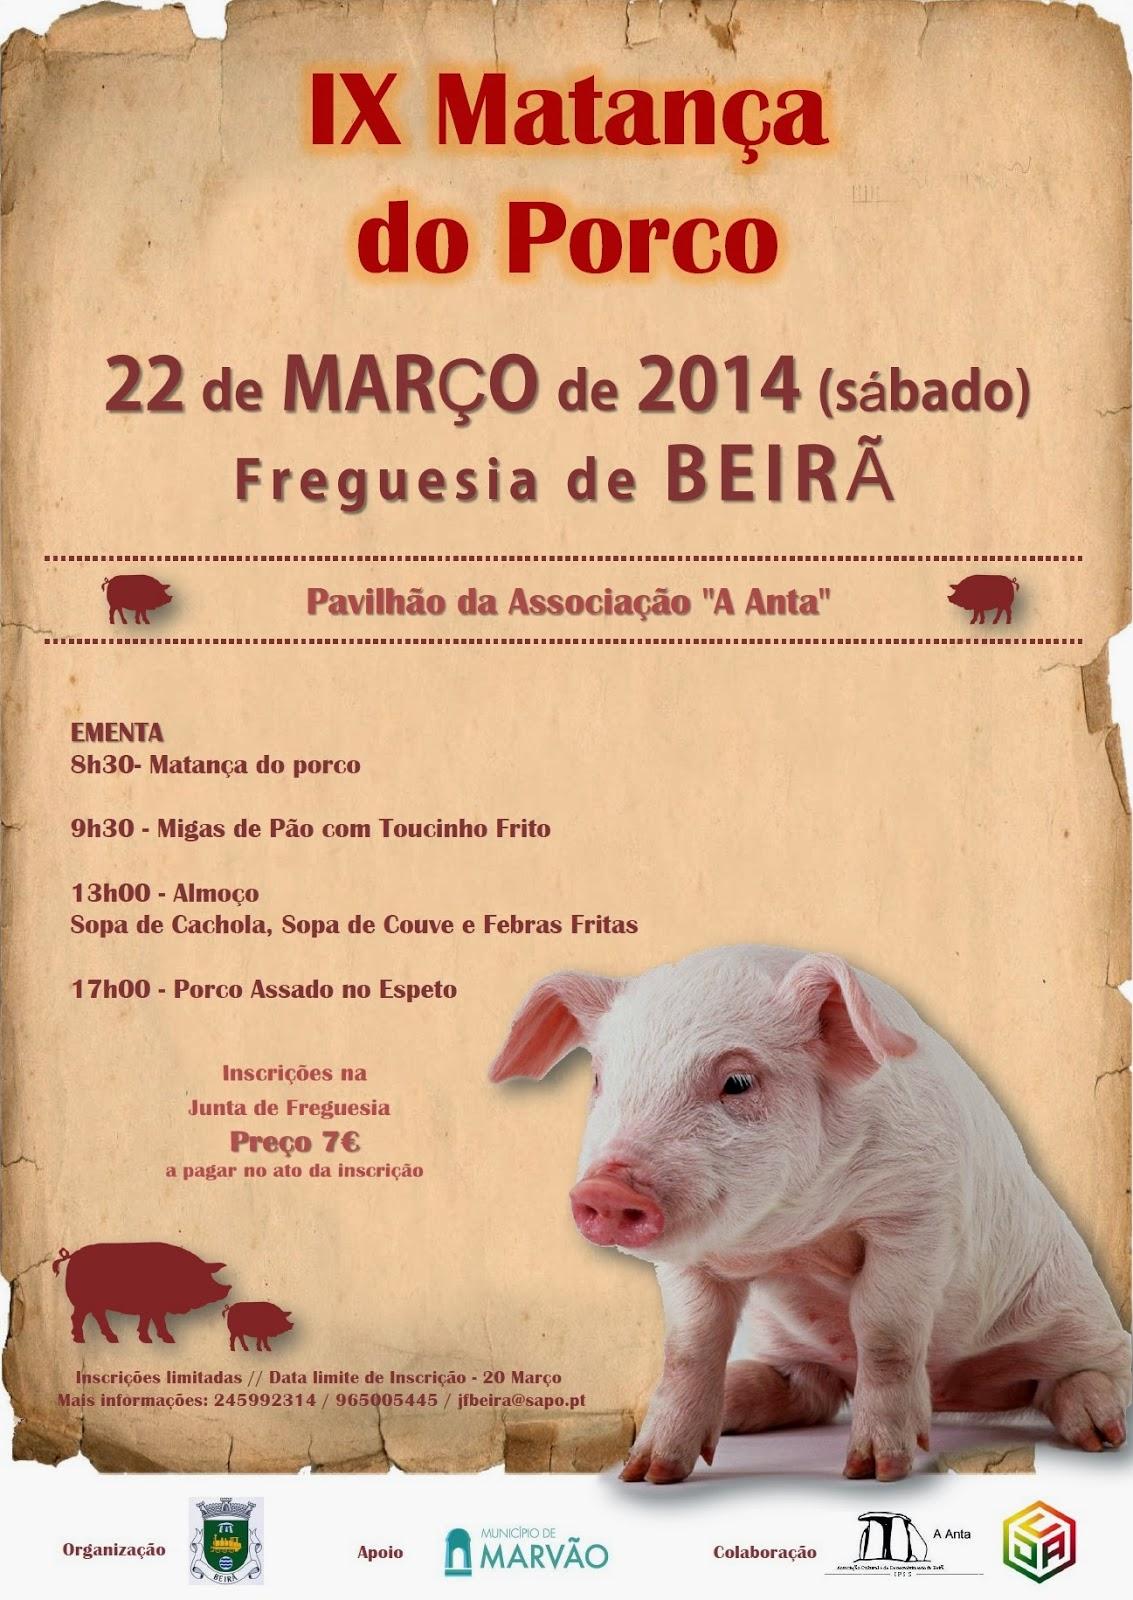 No próximo fim-de-semana, 22 de Março, a partir das 8:30 horas, realiza-se a IX Matança do Porco da Freguesia da Beirã.